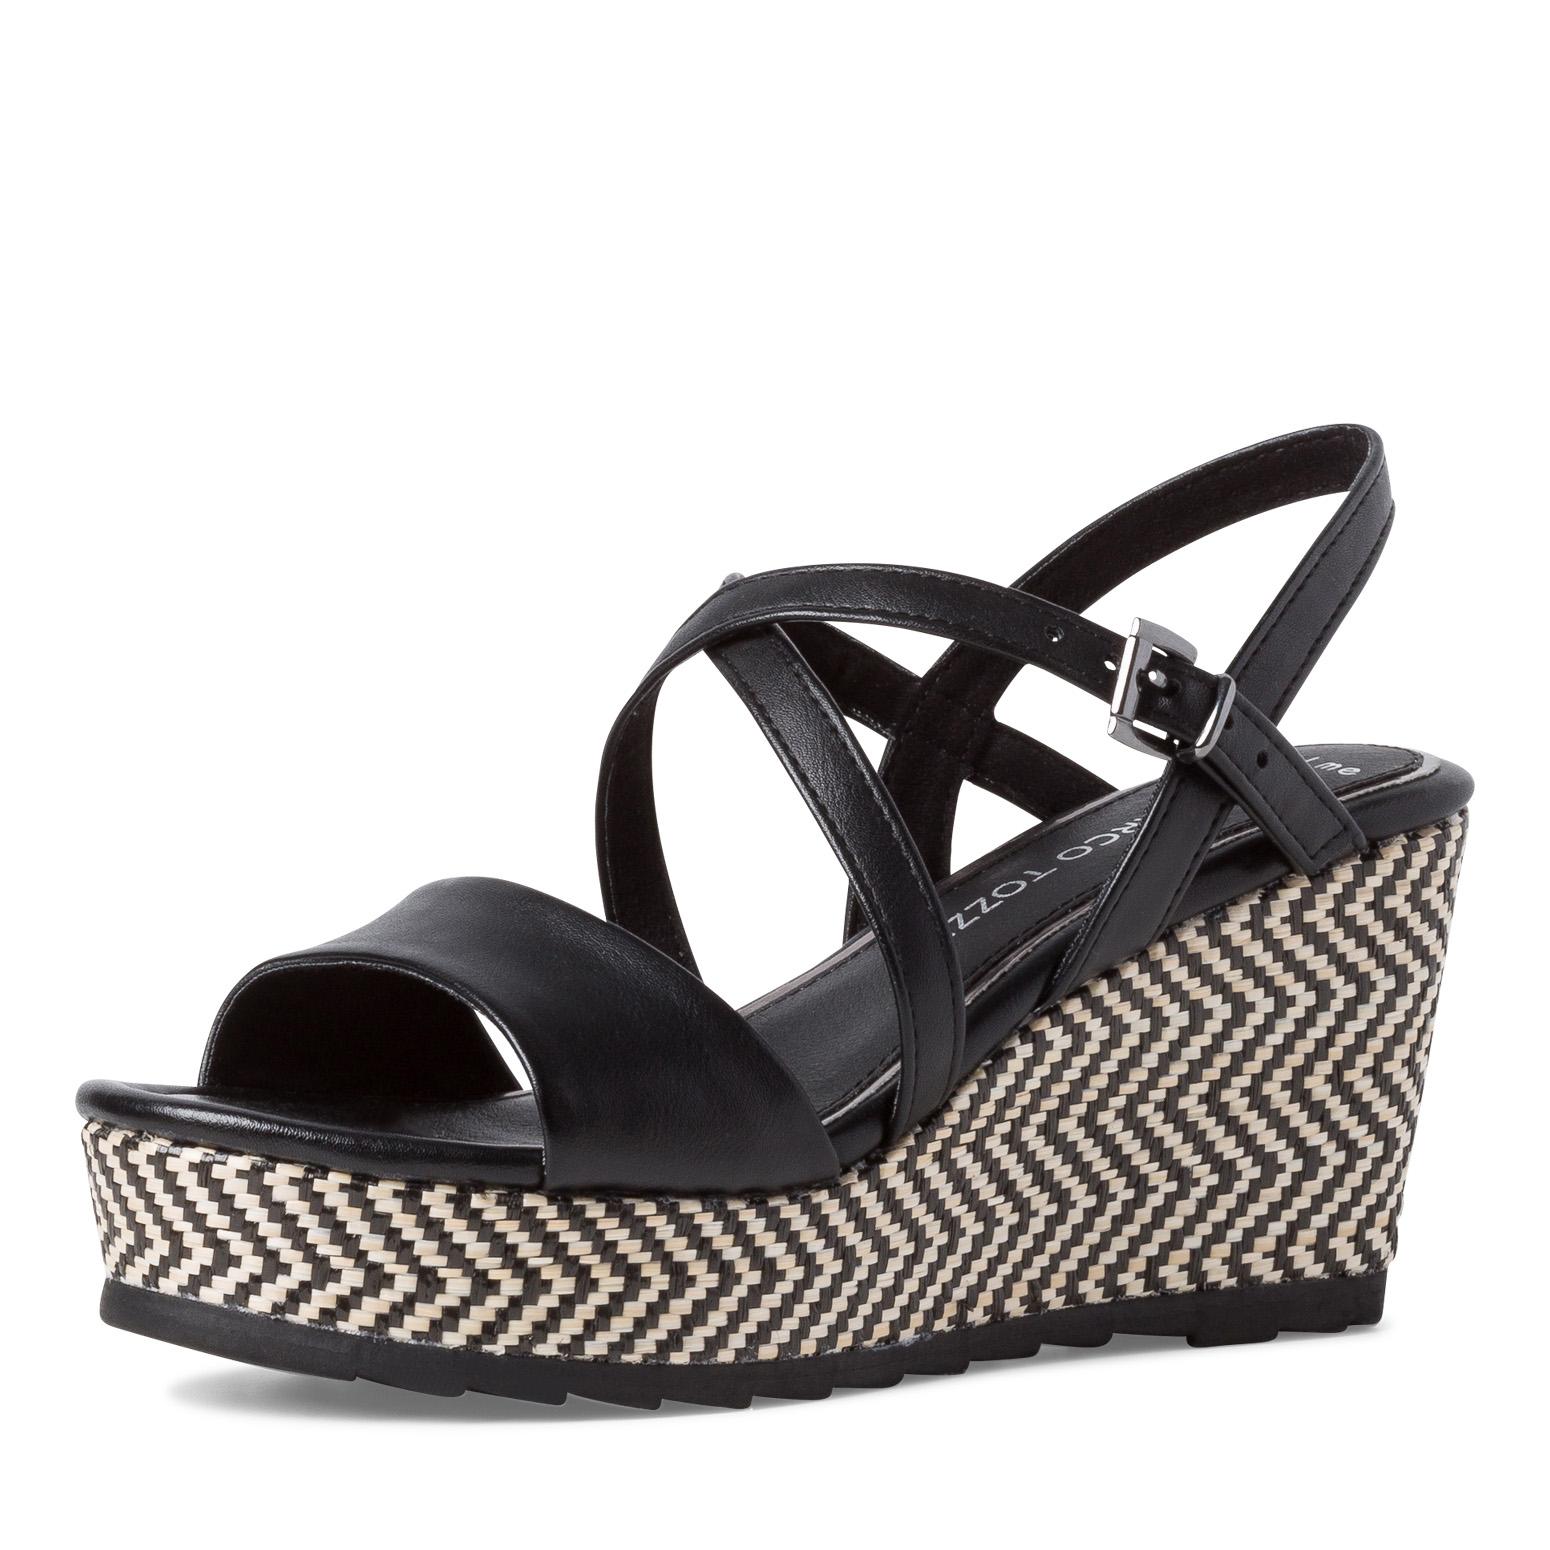 Sandale compensée Marco Tozzi 28371 001